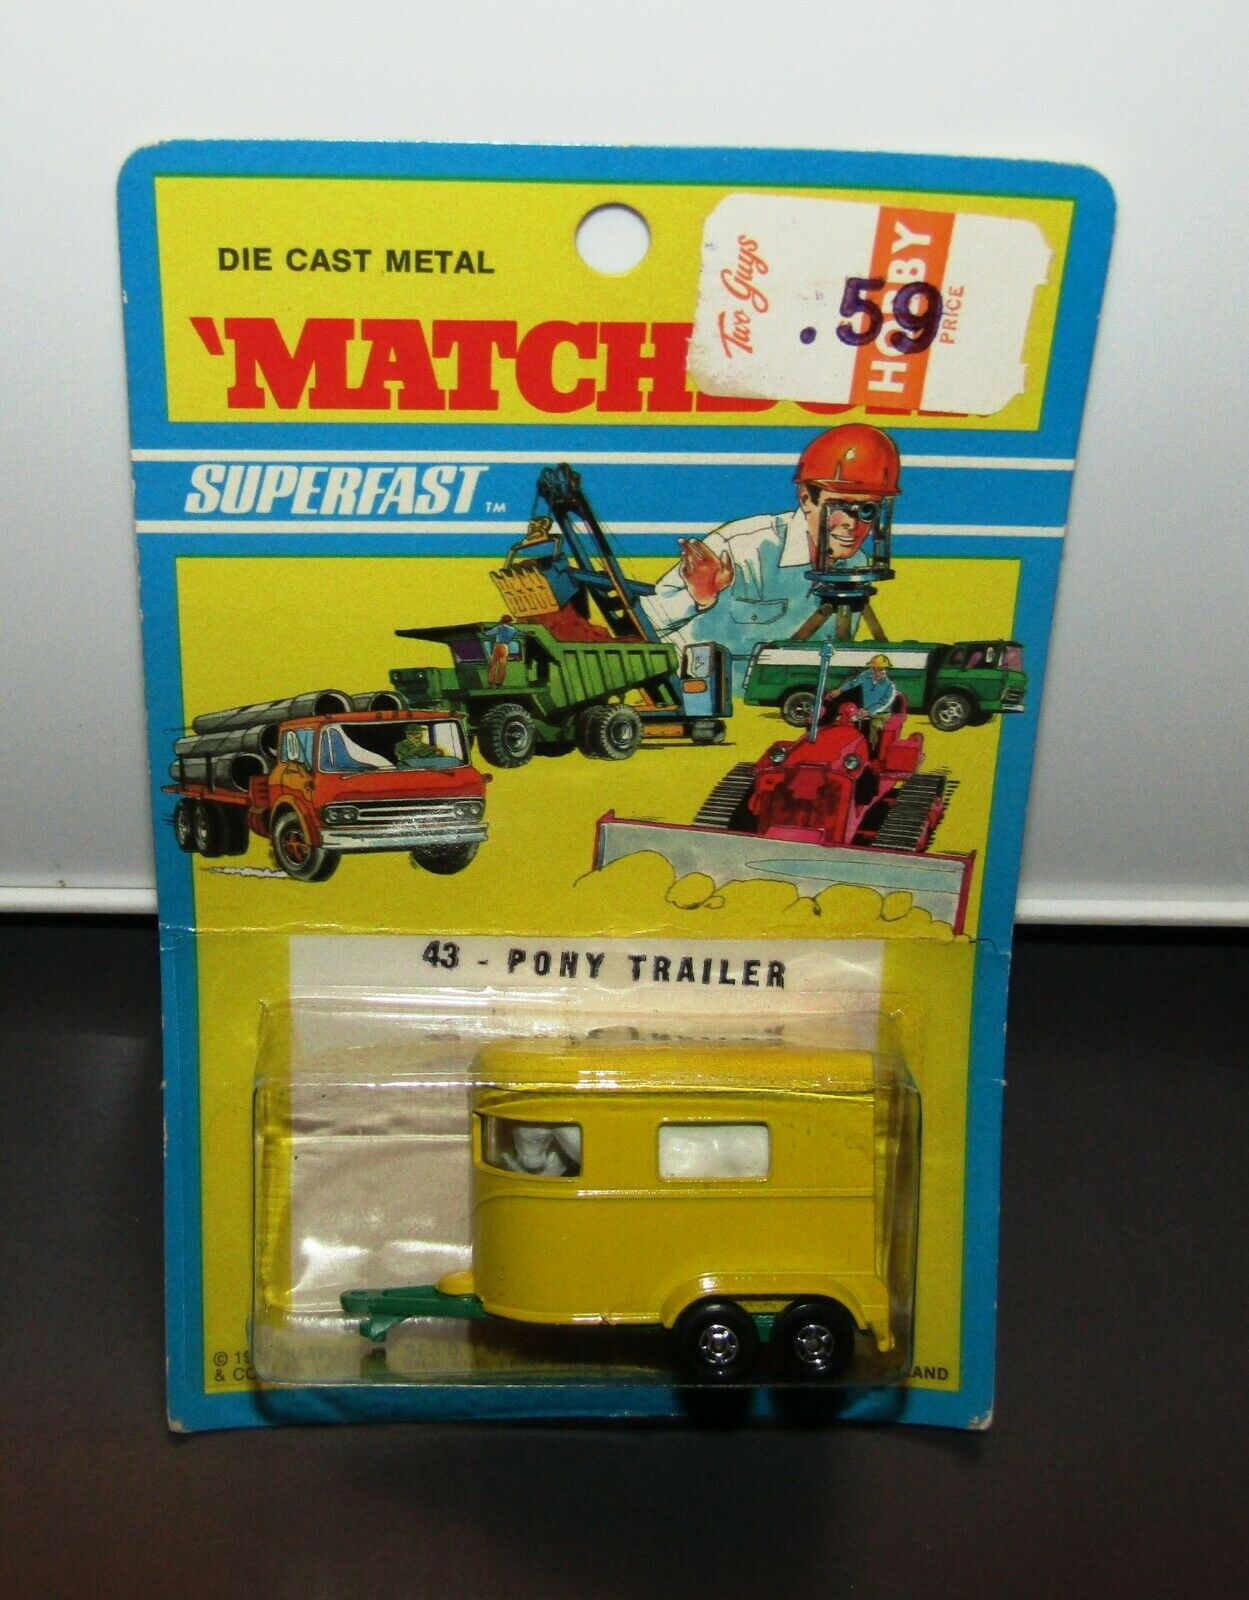 MATCHBOX SUPERFAST nº 43 PONY Trailer Light vert Base étroite WH 1971 Blister